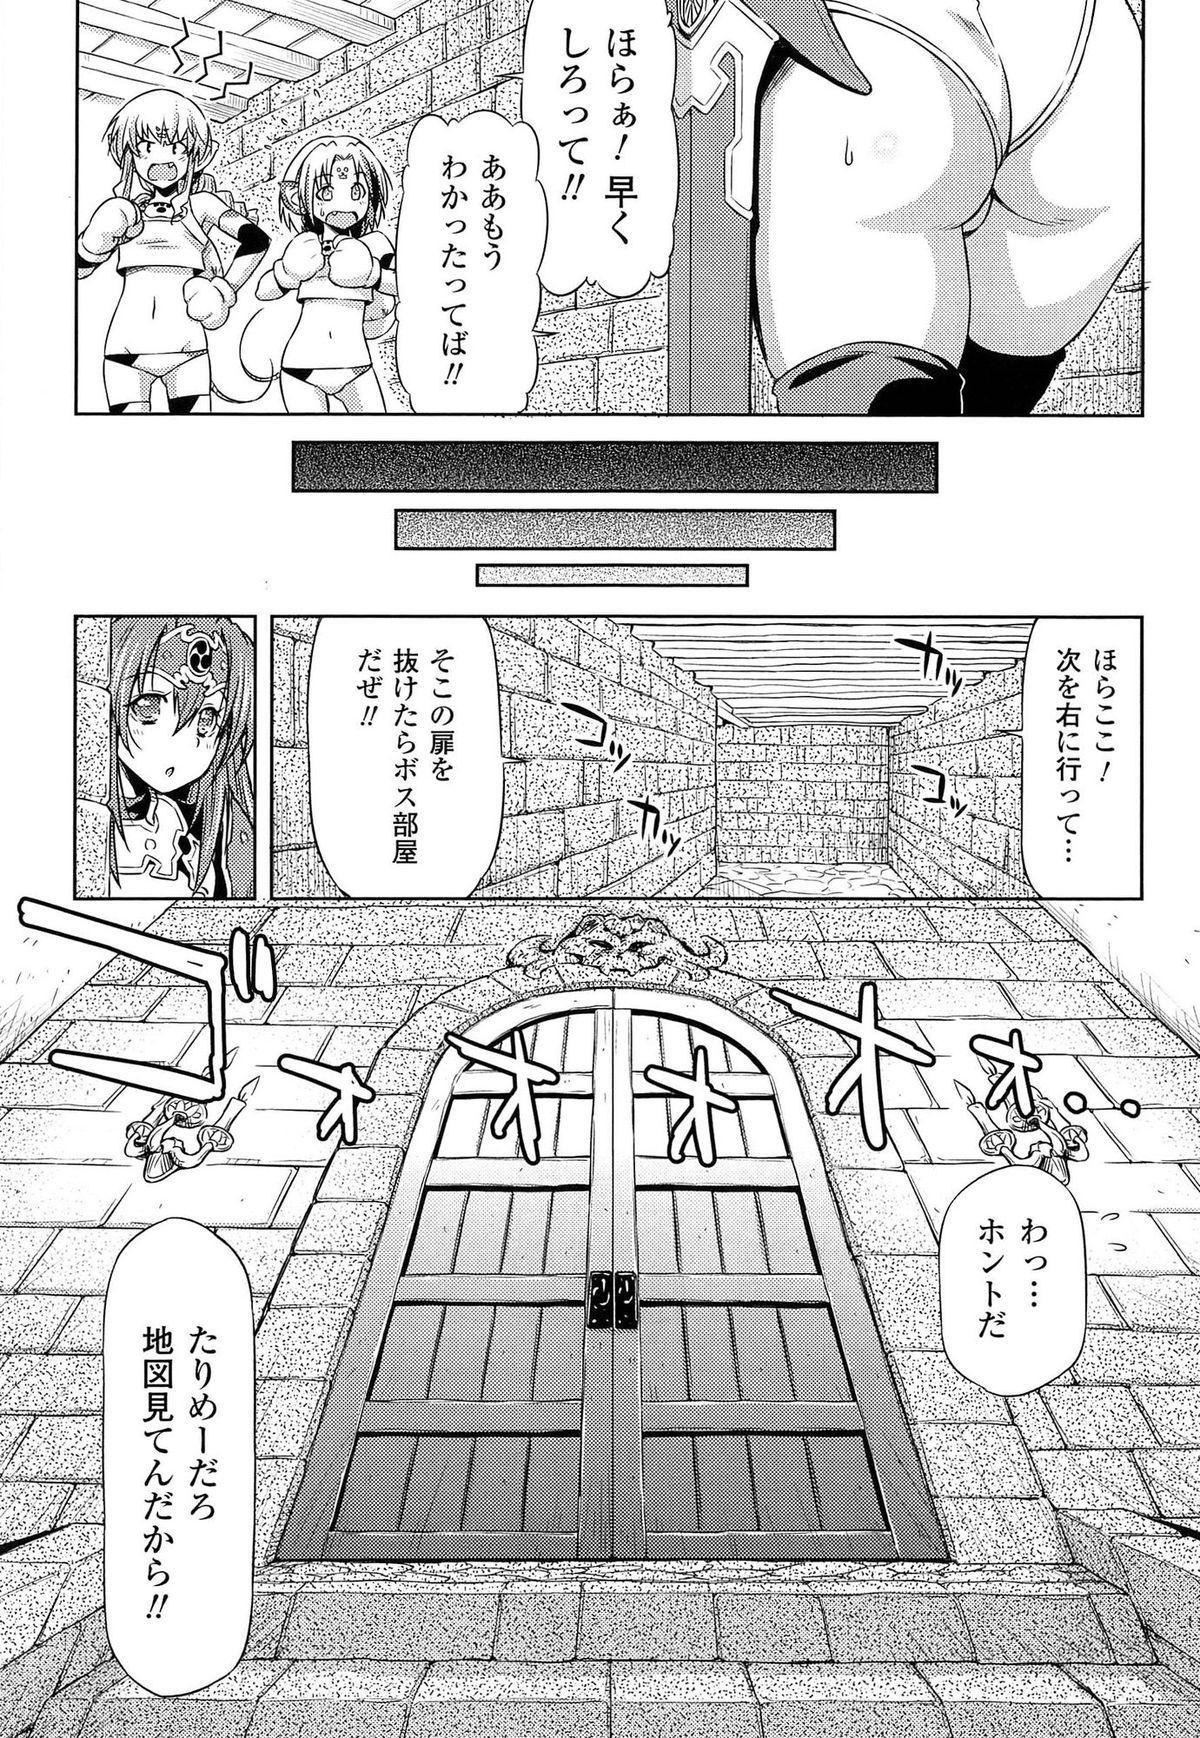 [kazuma muramasa, ZyX] Ikazuchi no Senshi Raidy ~Haja no Raikou~ THE COMIC 162